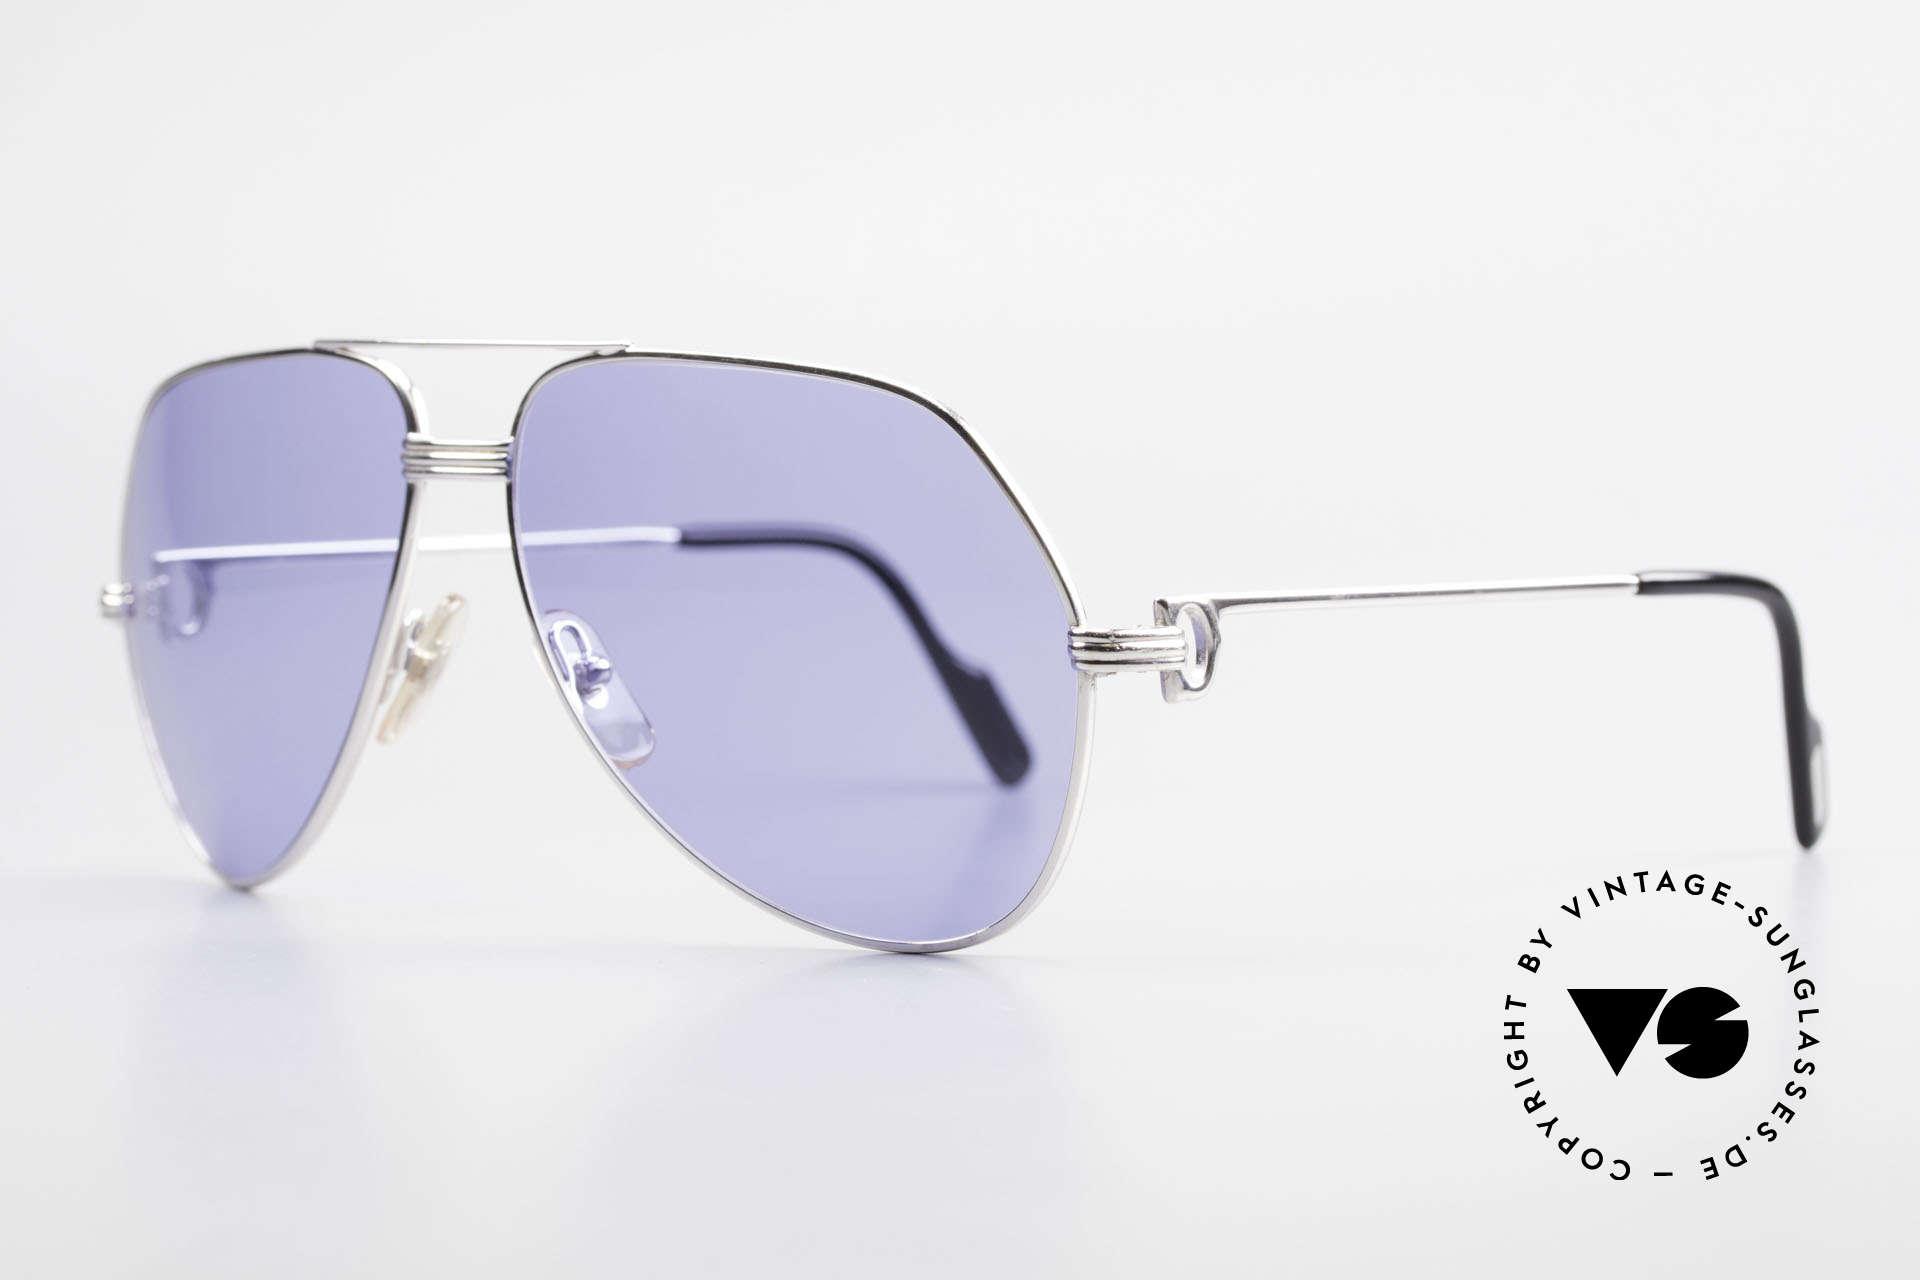 Cartier Vendome LC - L Sonderanfertigung Einzelstück, komplett rhodiniert (versilbert) mit blauen Sonnengläsern, Passend für Herren